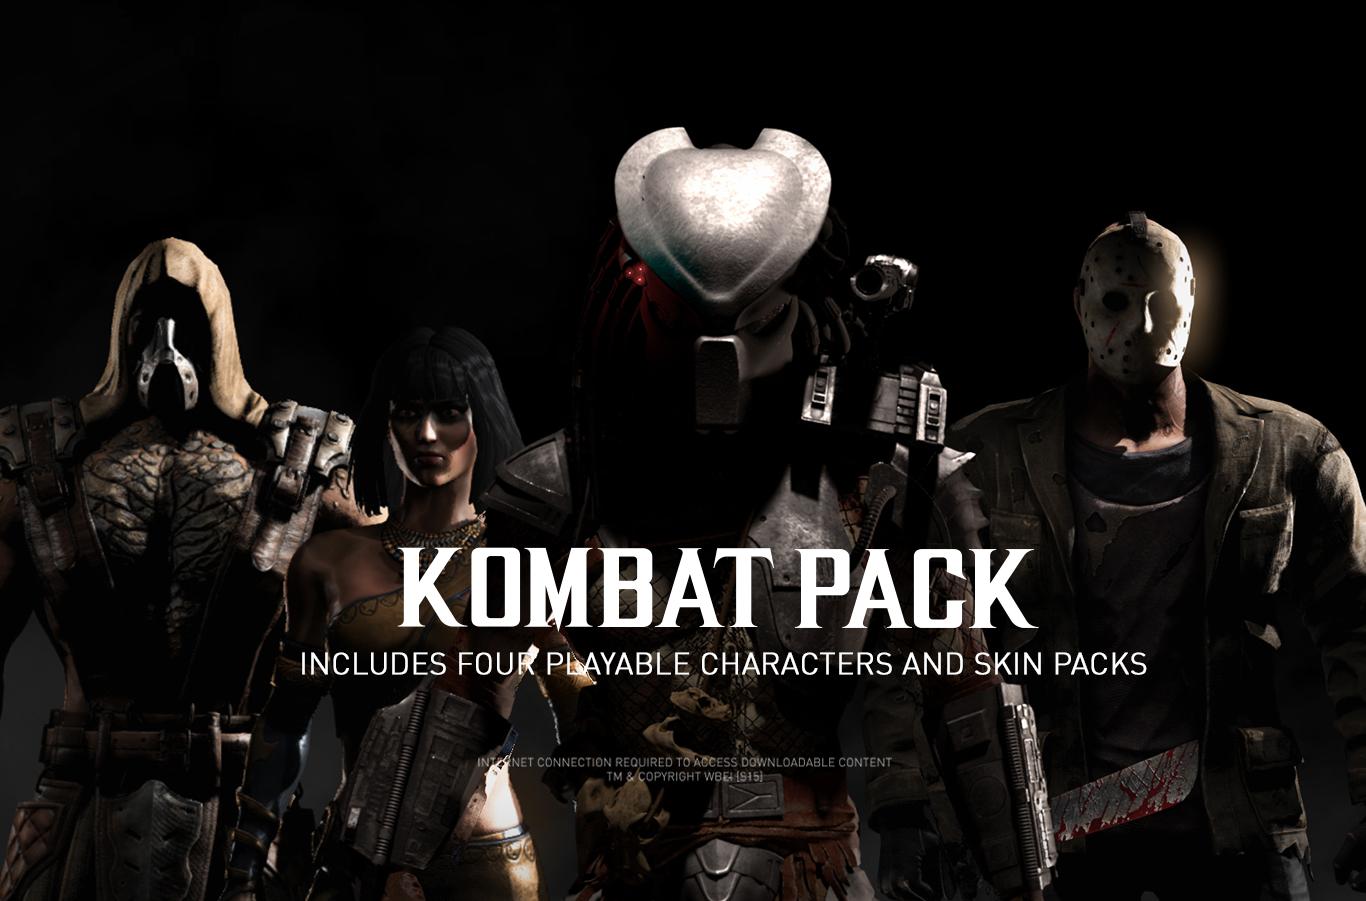 Telecharger Kombat Pack Sur PC Avec Crack